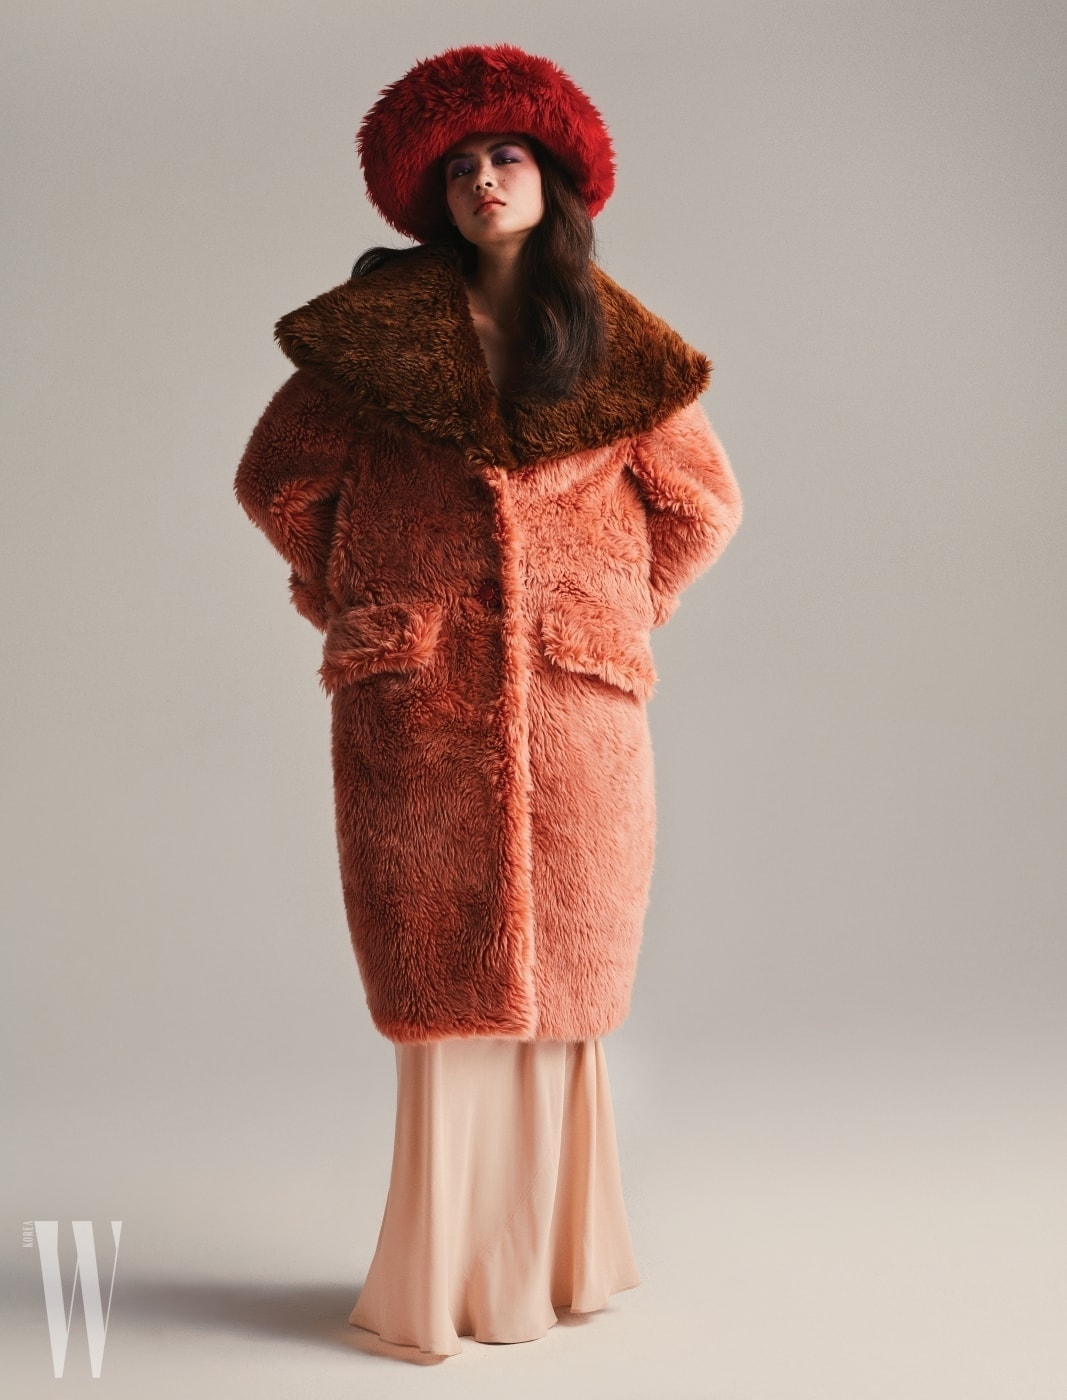 페이크 퍼 모자와 코트, 살구색 드레스는 미우미우 제품.